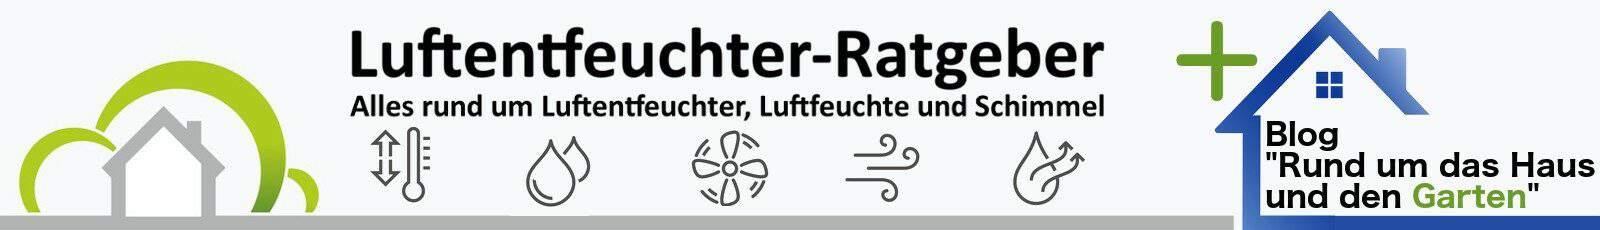 Luftentfeuchter-Ratgeber.info